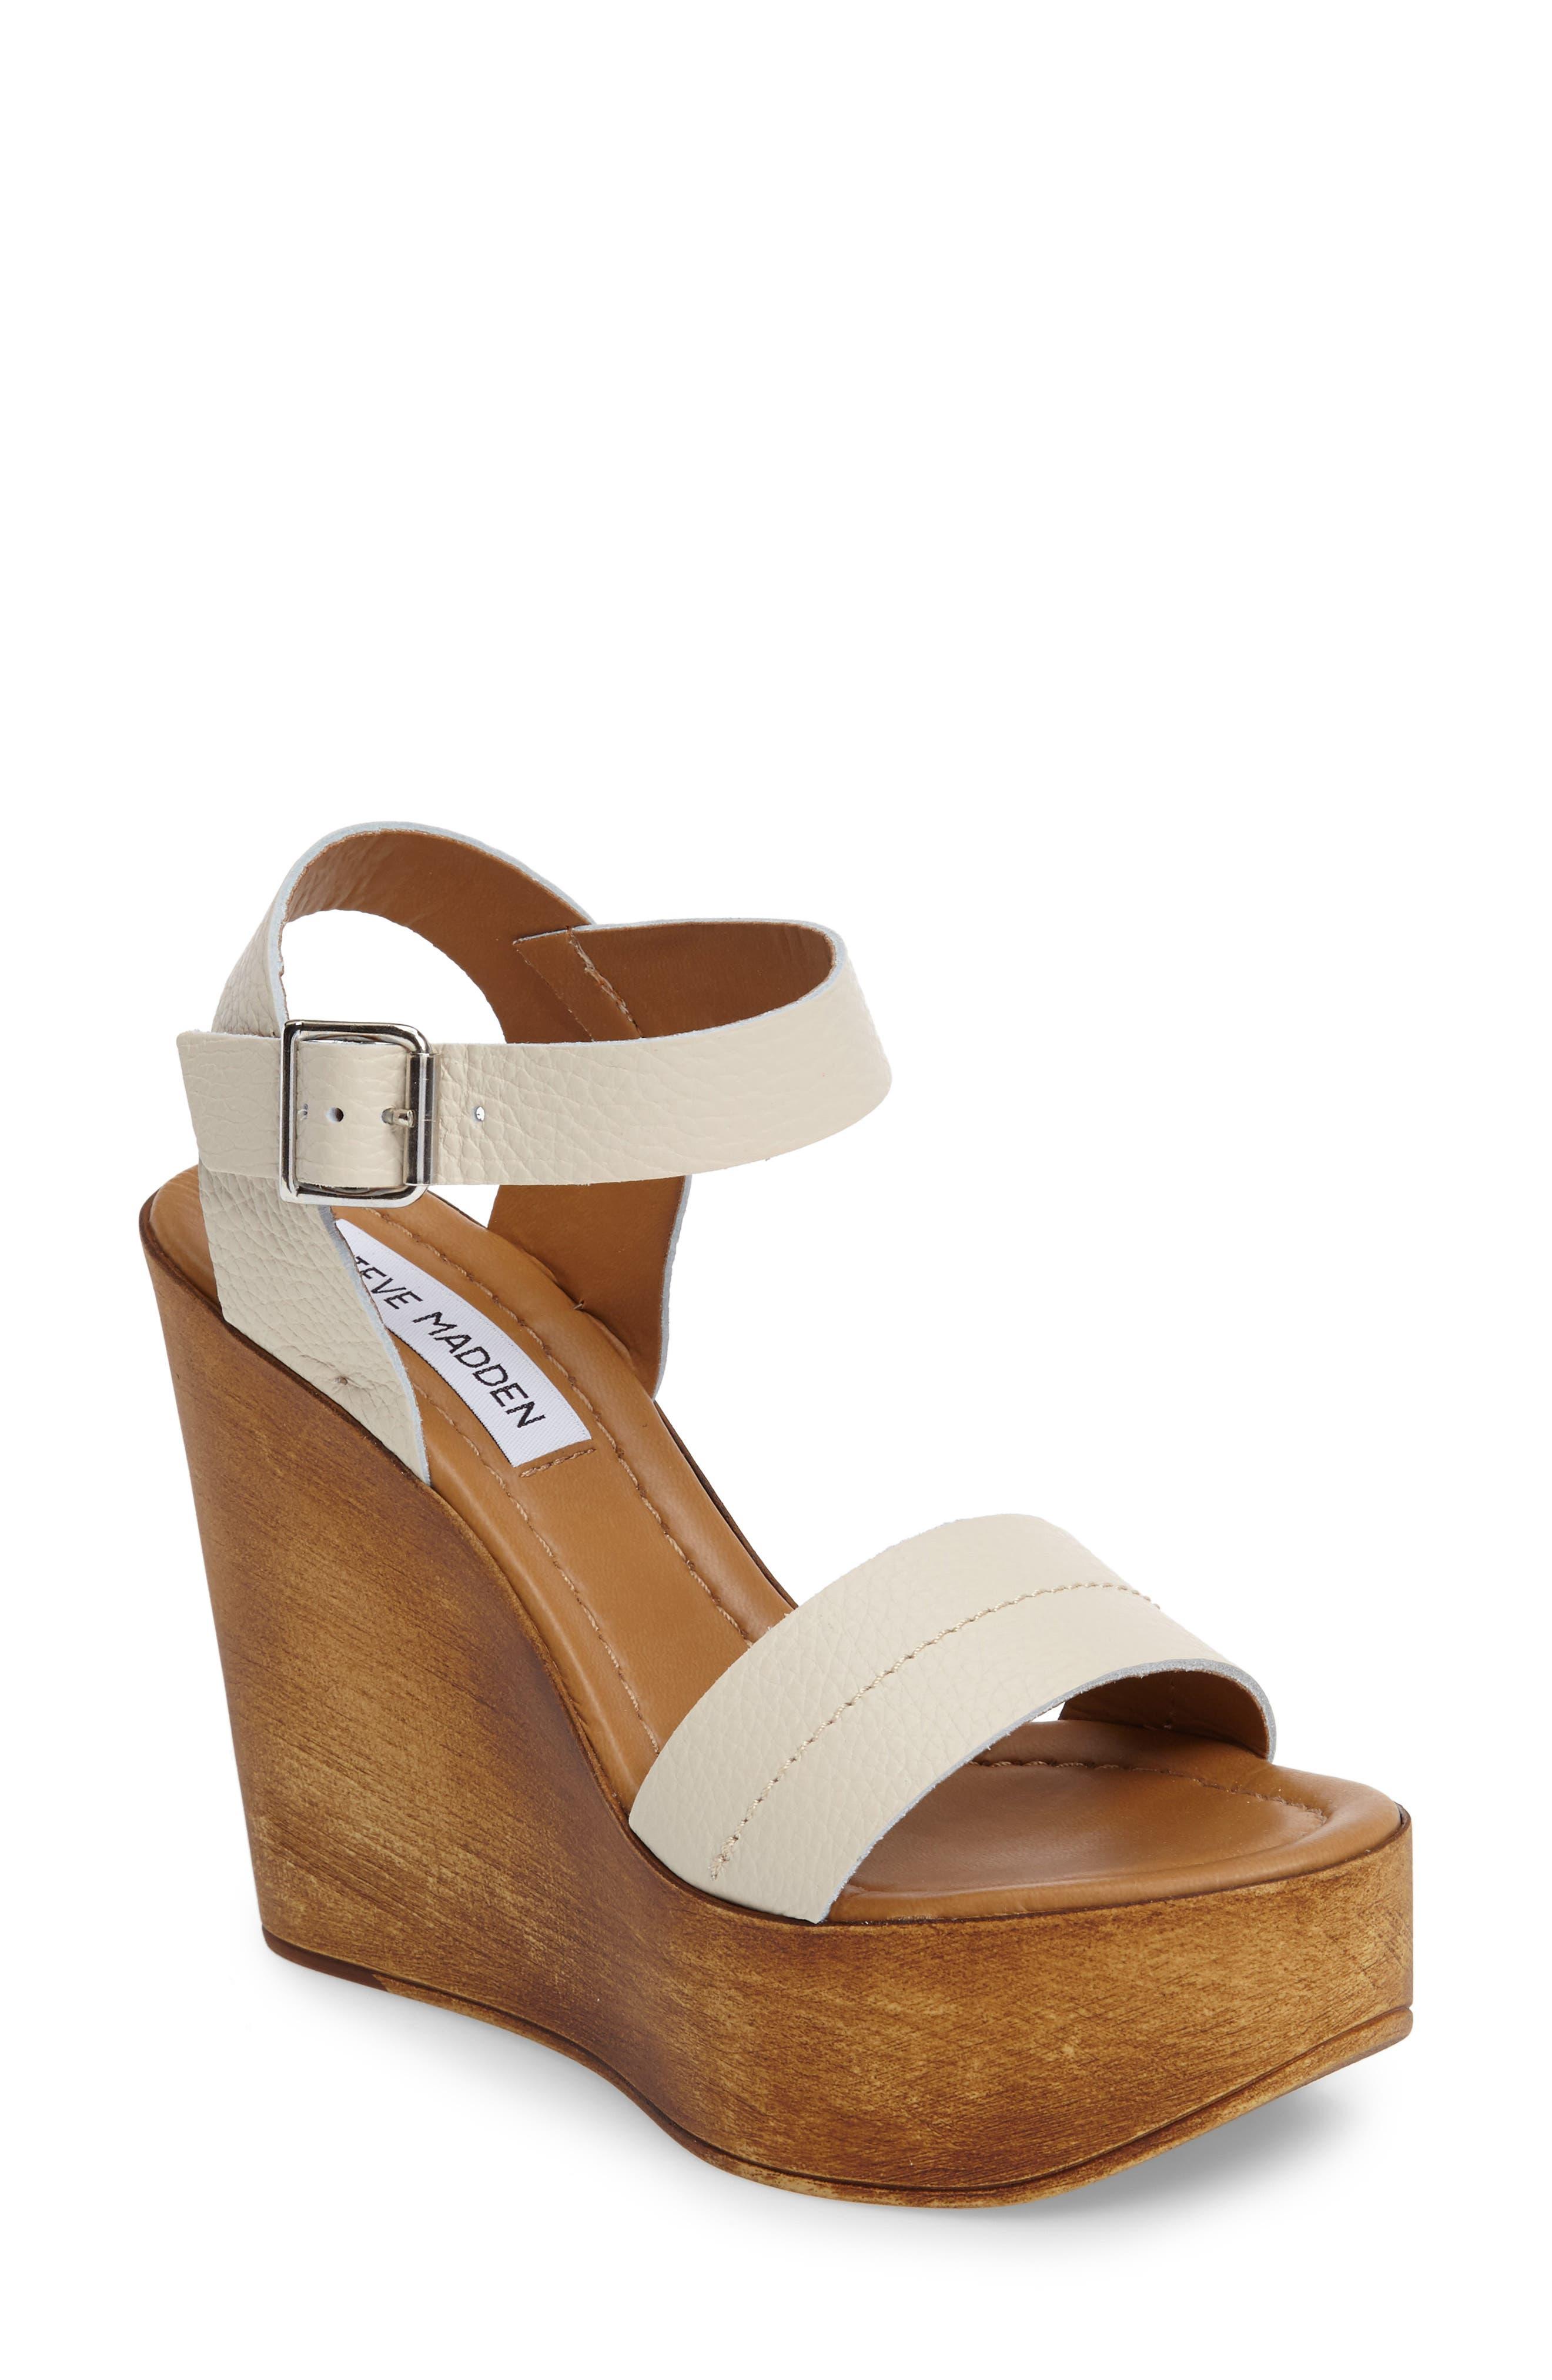 c70e8674346 STEVE MADDEN Belma Wedge Sandal